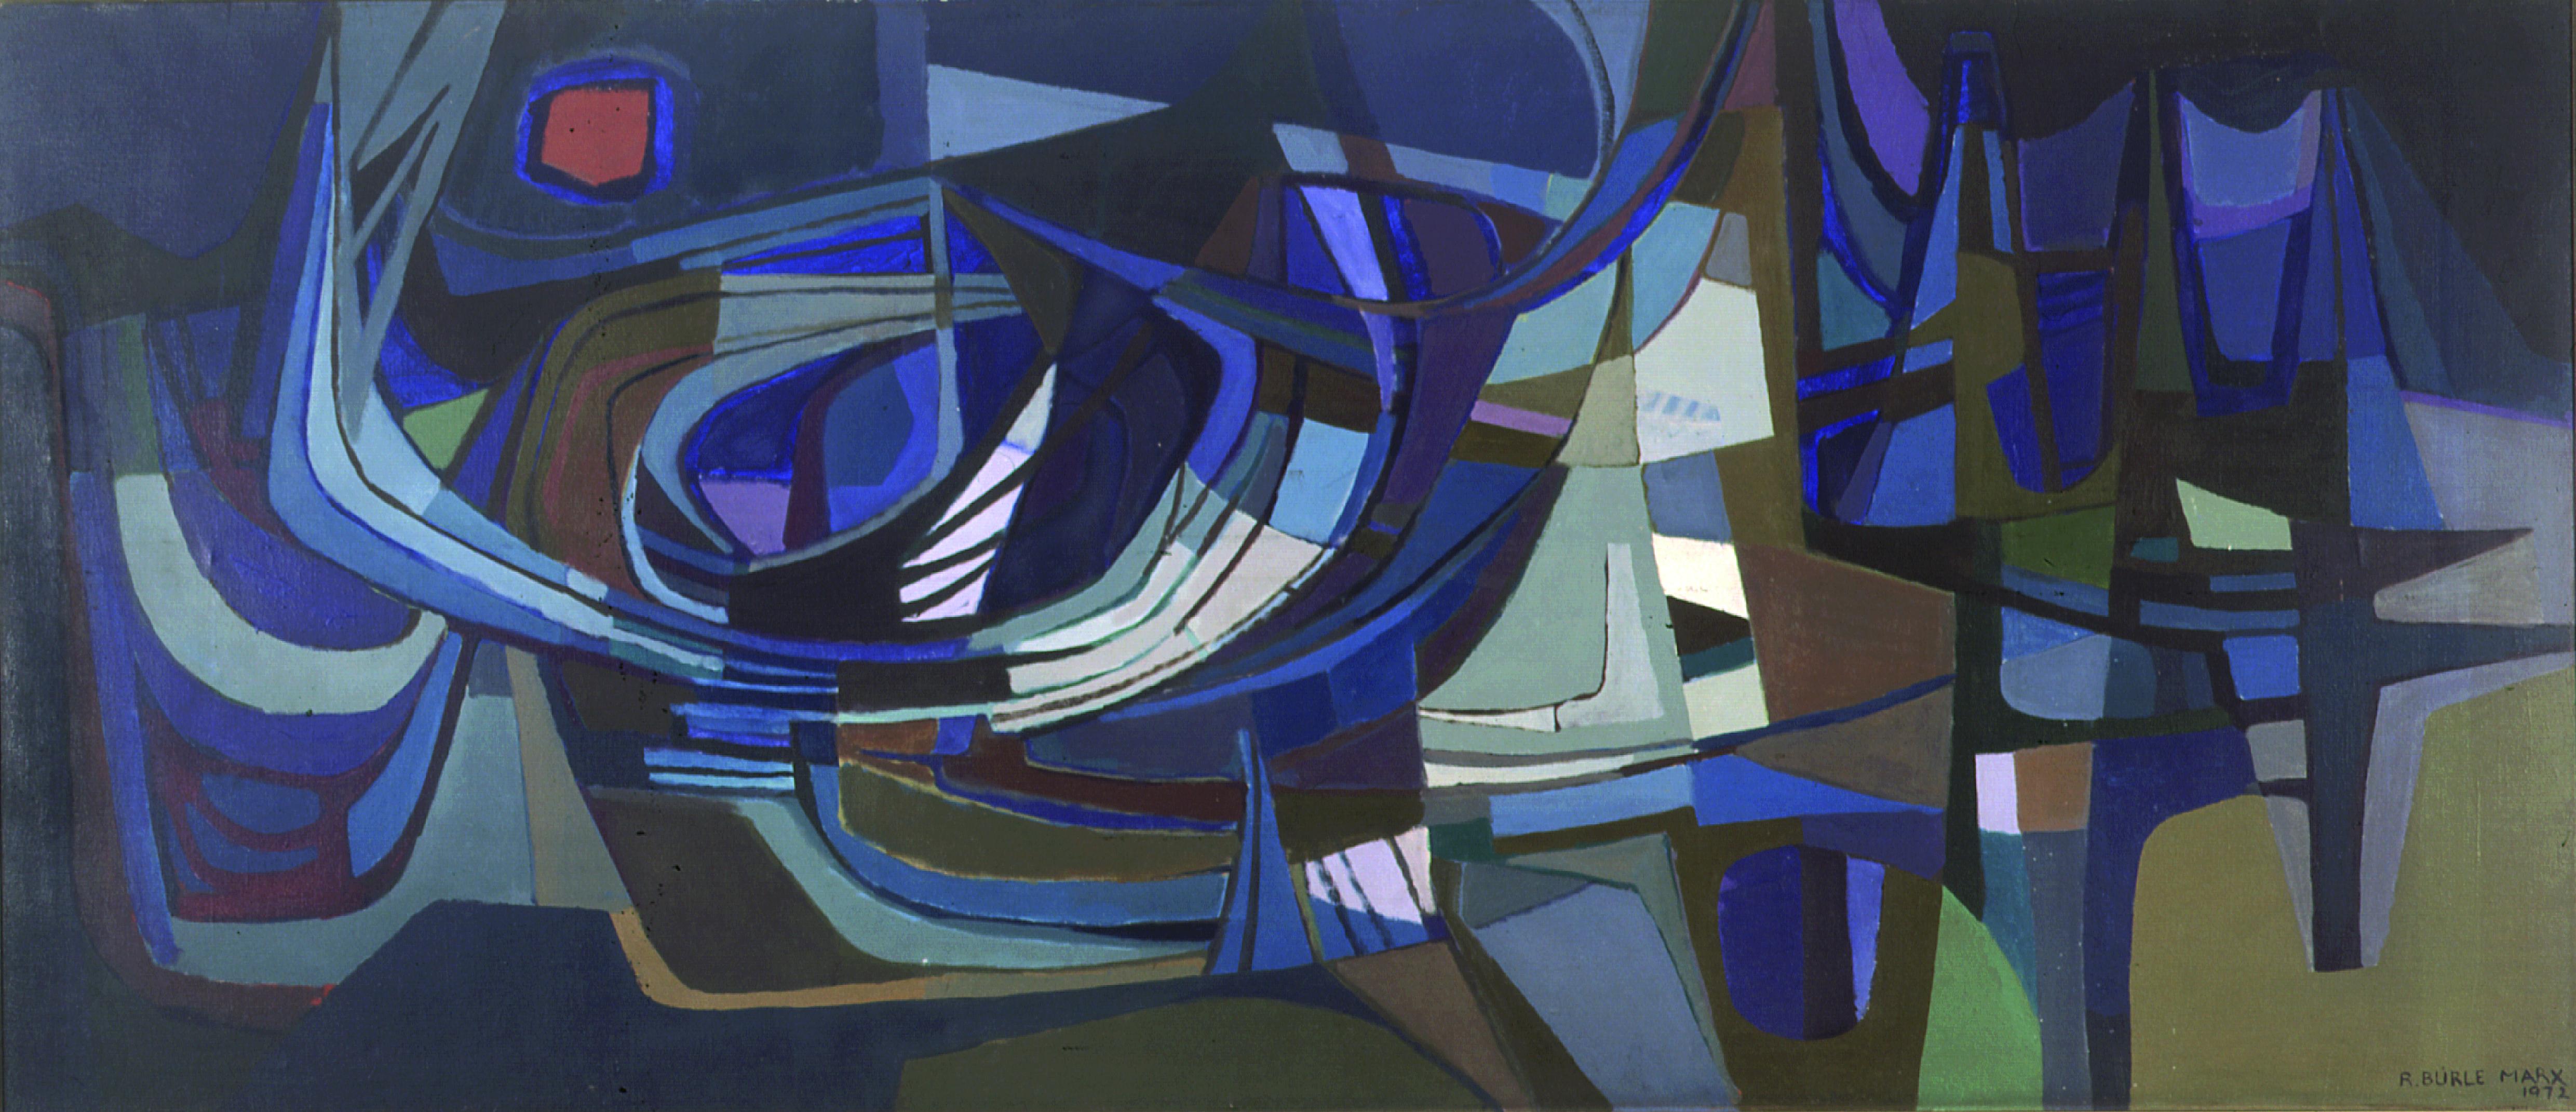 Composição Autor: Roberto Burle Marx Ano: 1972 Técnica: Óleo sobre tela Dimensão: 130cm x 300cm